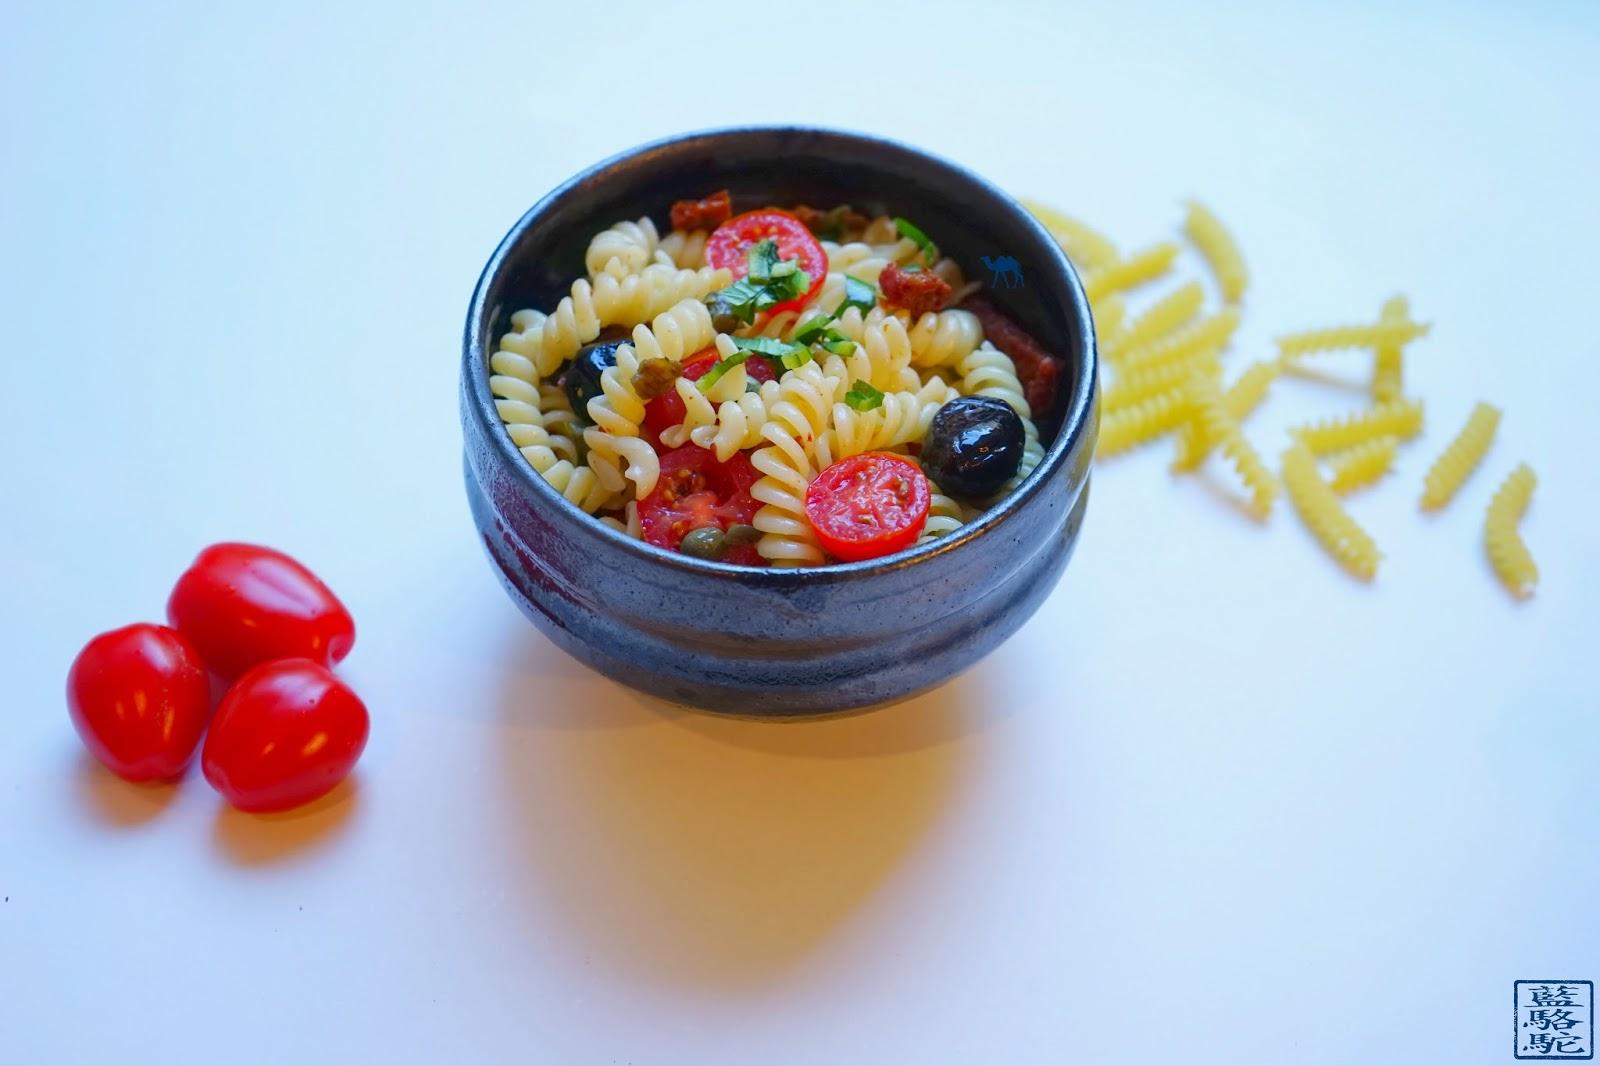 Le Chameau Bleu - Recette de Salade de pâte - Tomate - Câpre - Olive - Ngo Gai